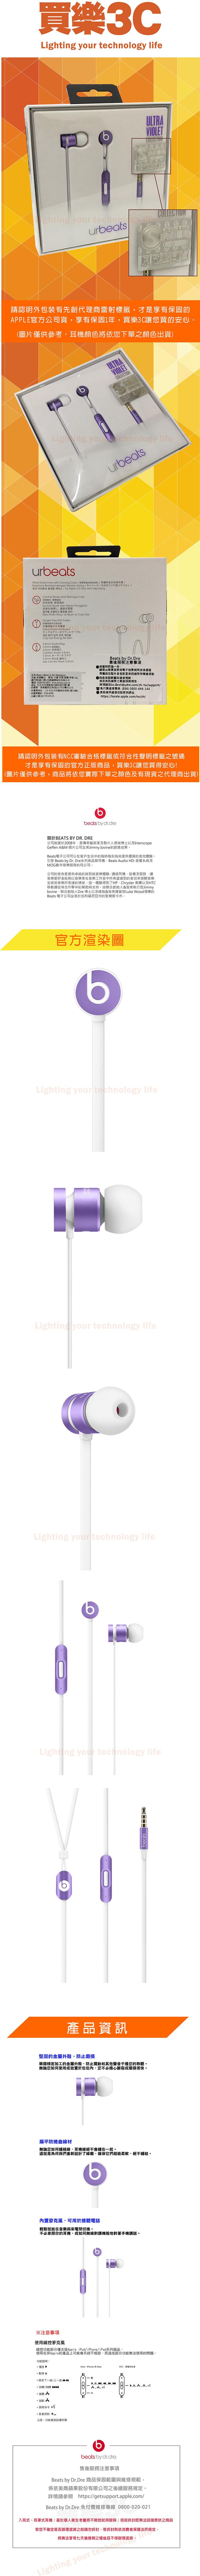 Beats urBeats 耳塞式耳機 - 紫羅蘭